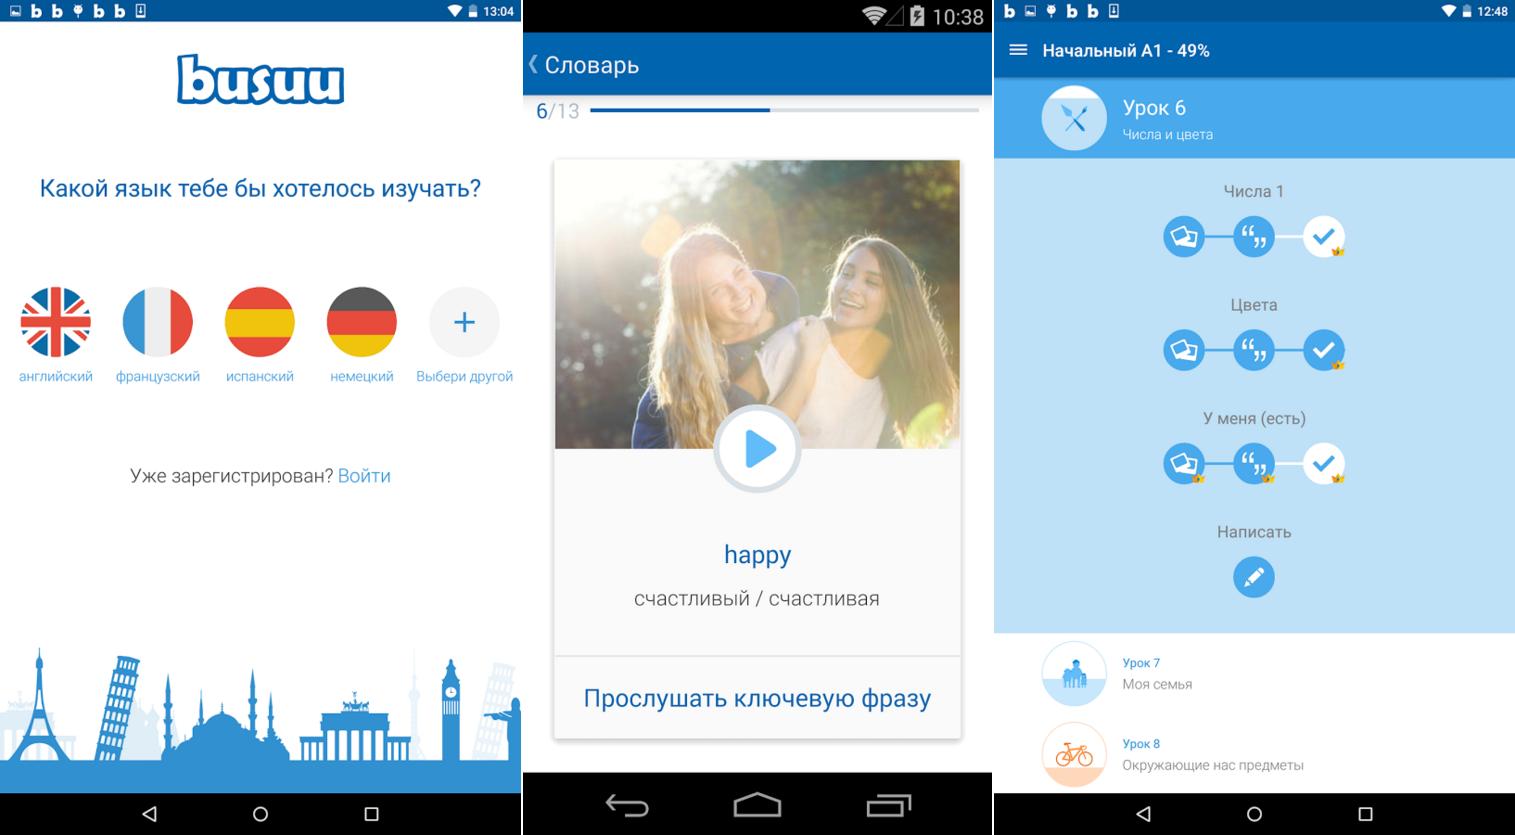 Приложение для андроид изучение языка